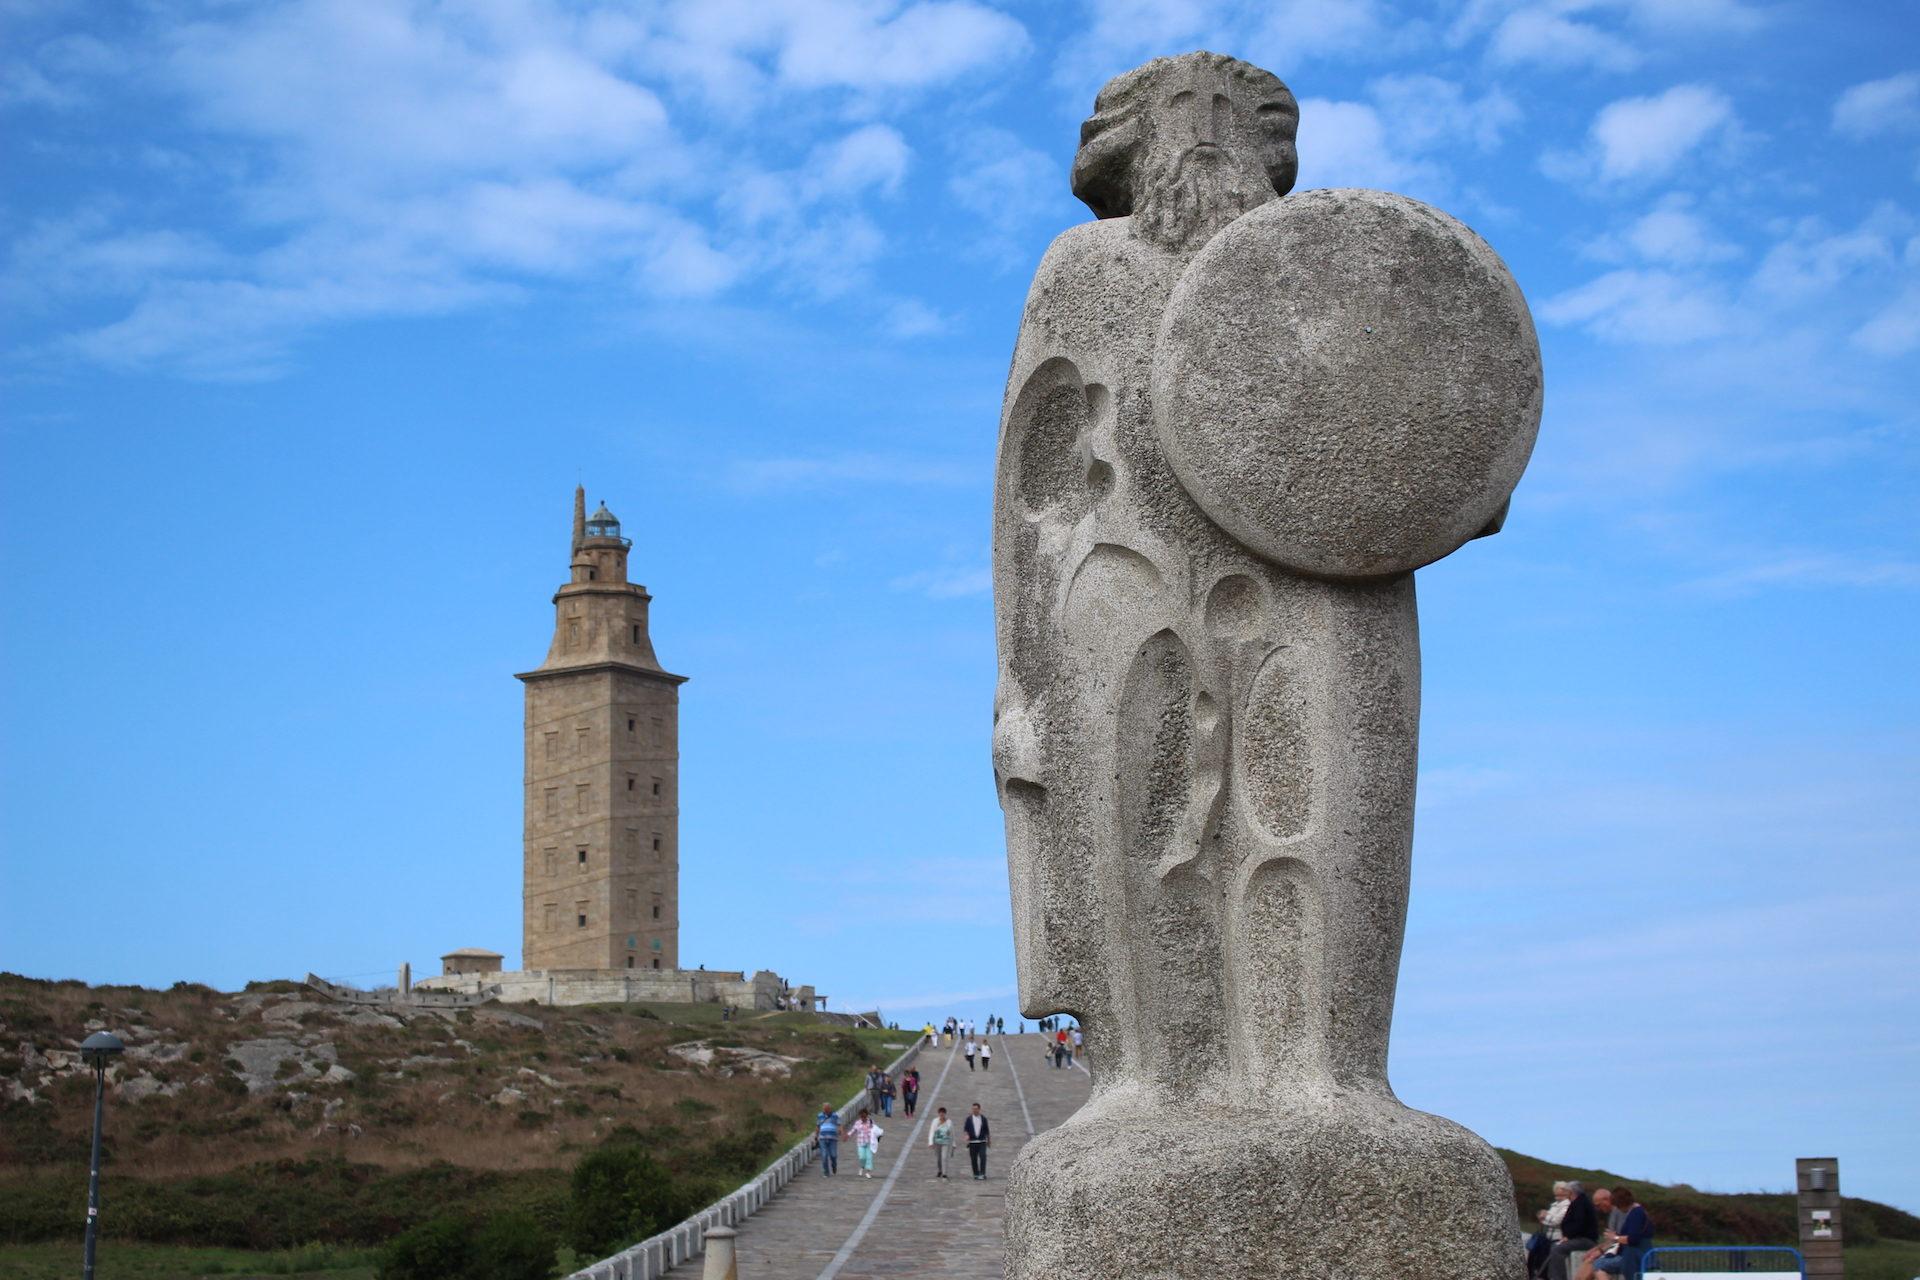 塔, 大力神, a coruña, 加利西亚, 天空 - 高清壁纸 - 教授-falken.com